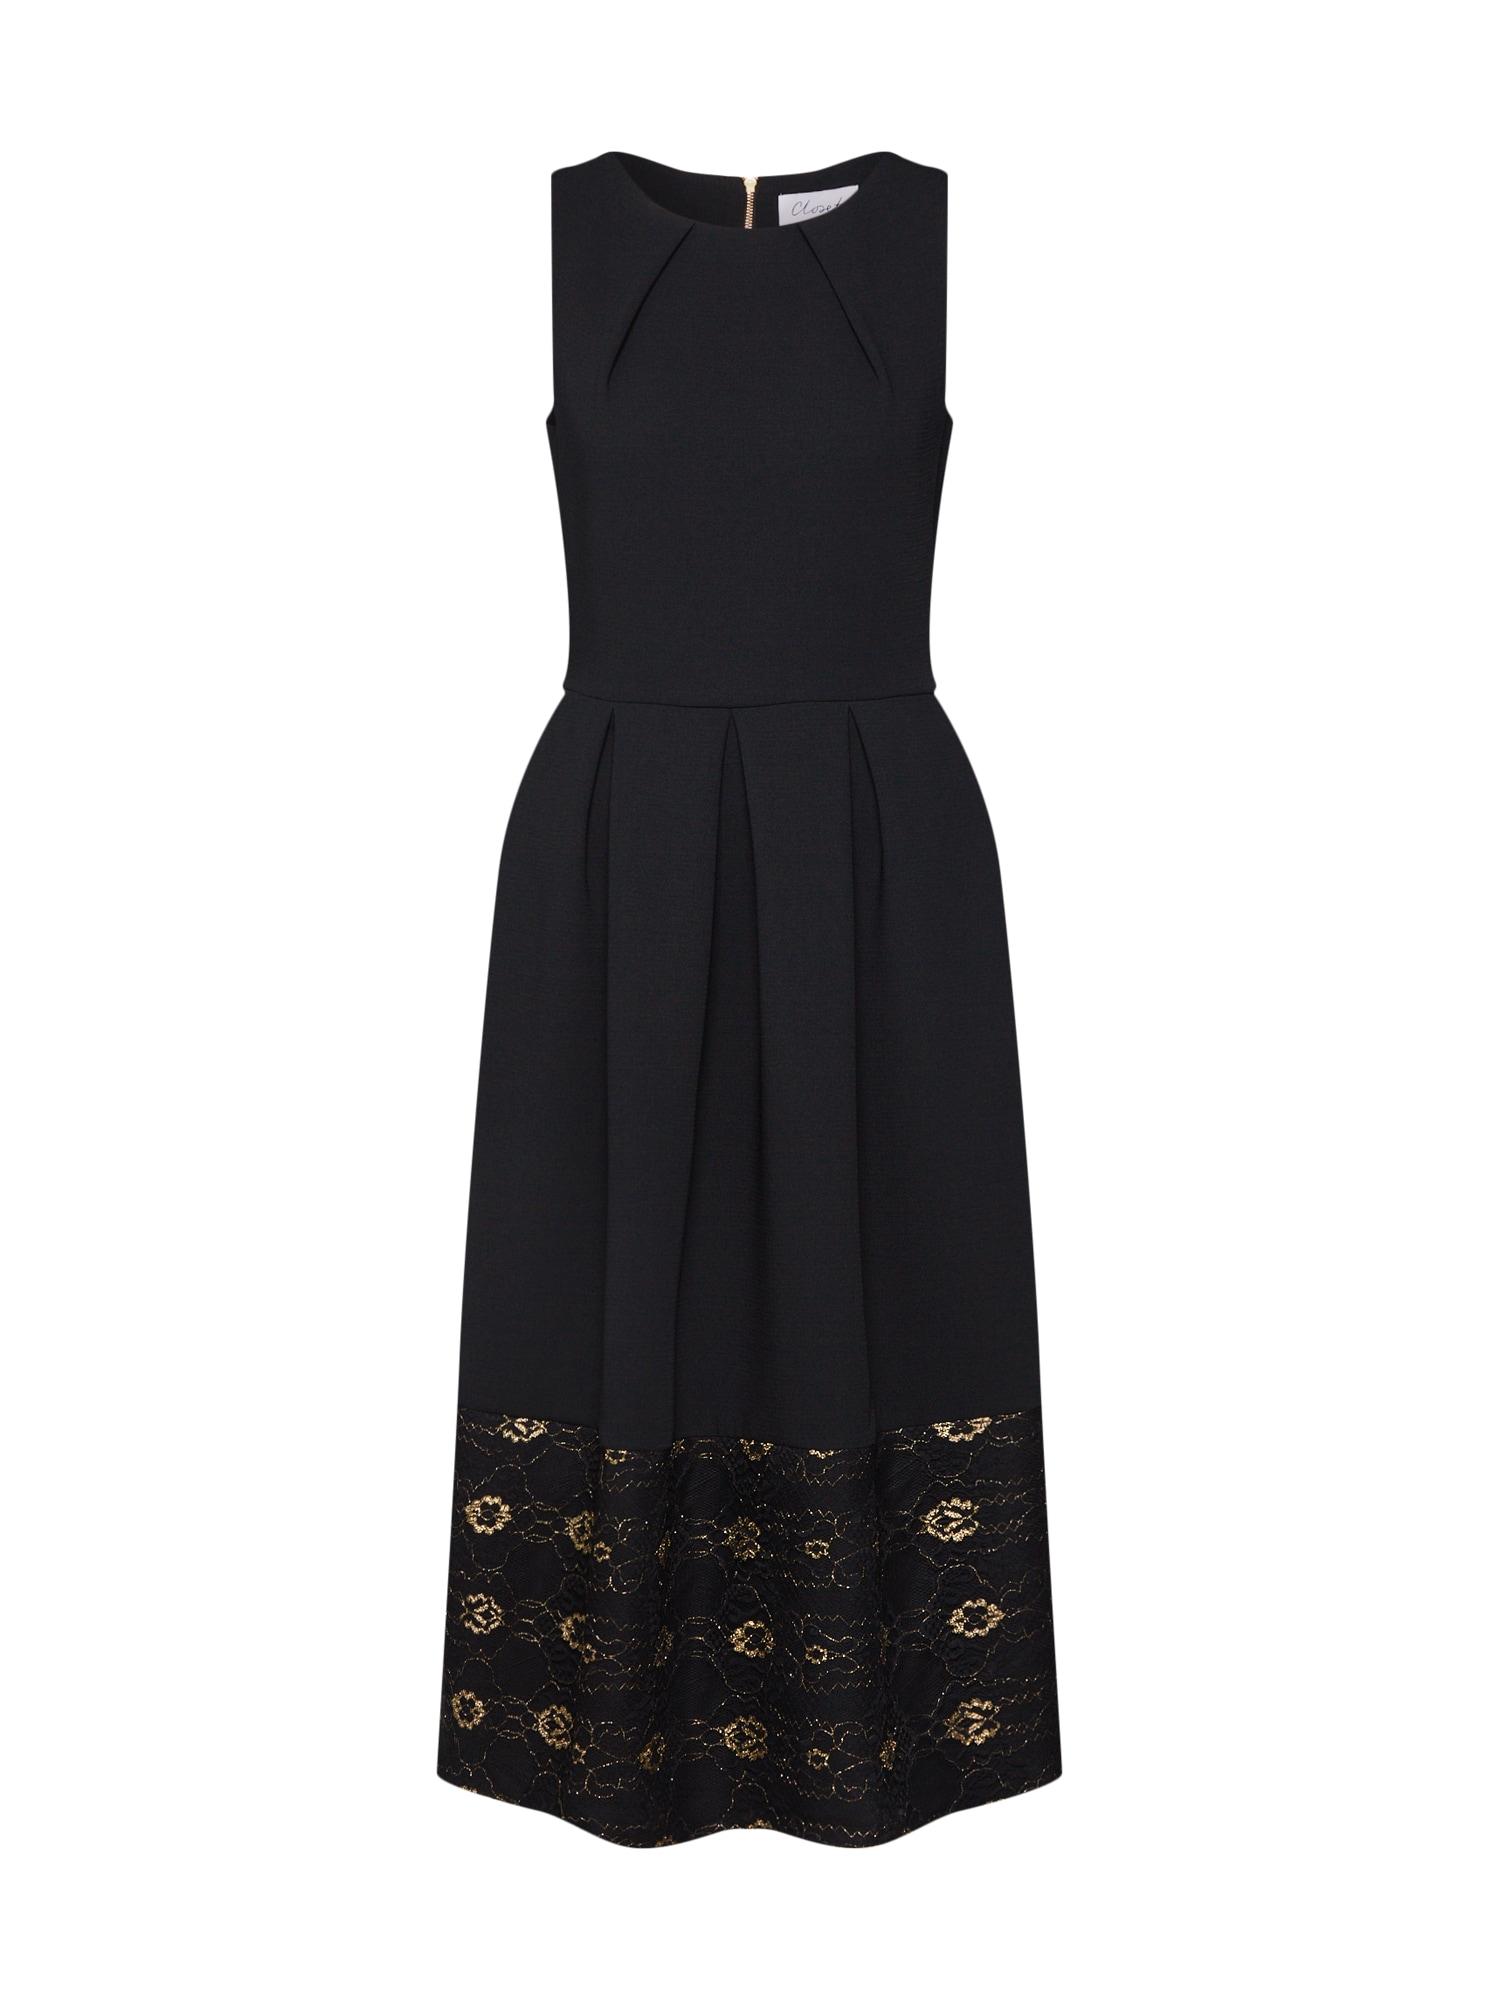 Šaty Closet Lace Hem Dress černá Closet London